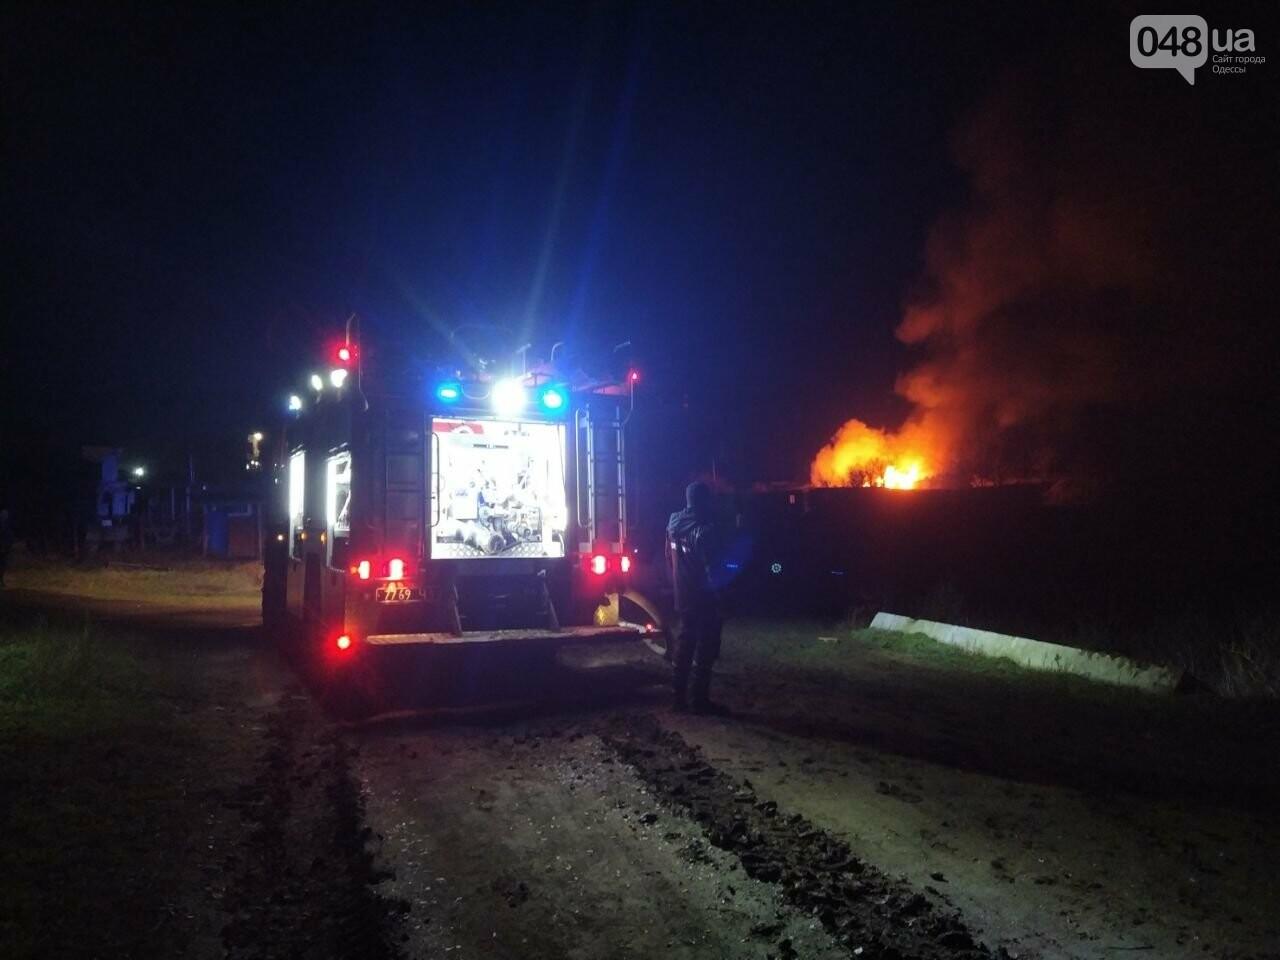 Пожар на базе отдыха в Одесской области.4